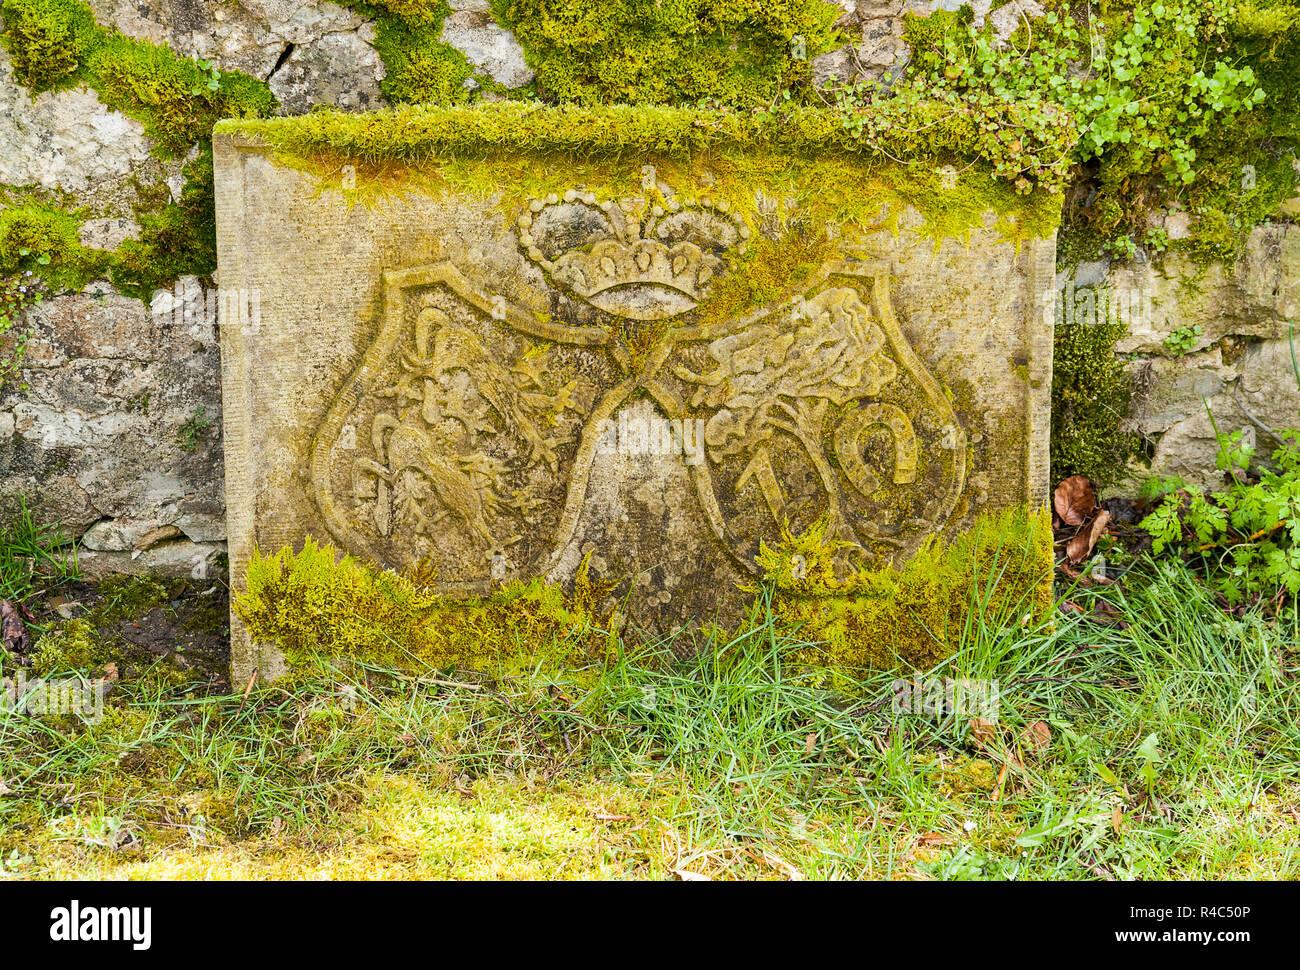 stonewith emblem - Stock Image